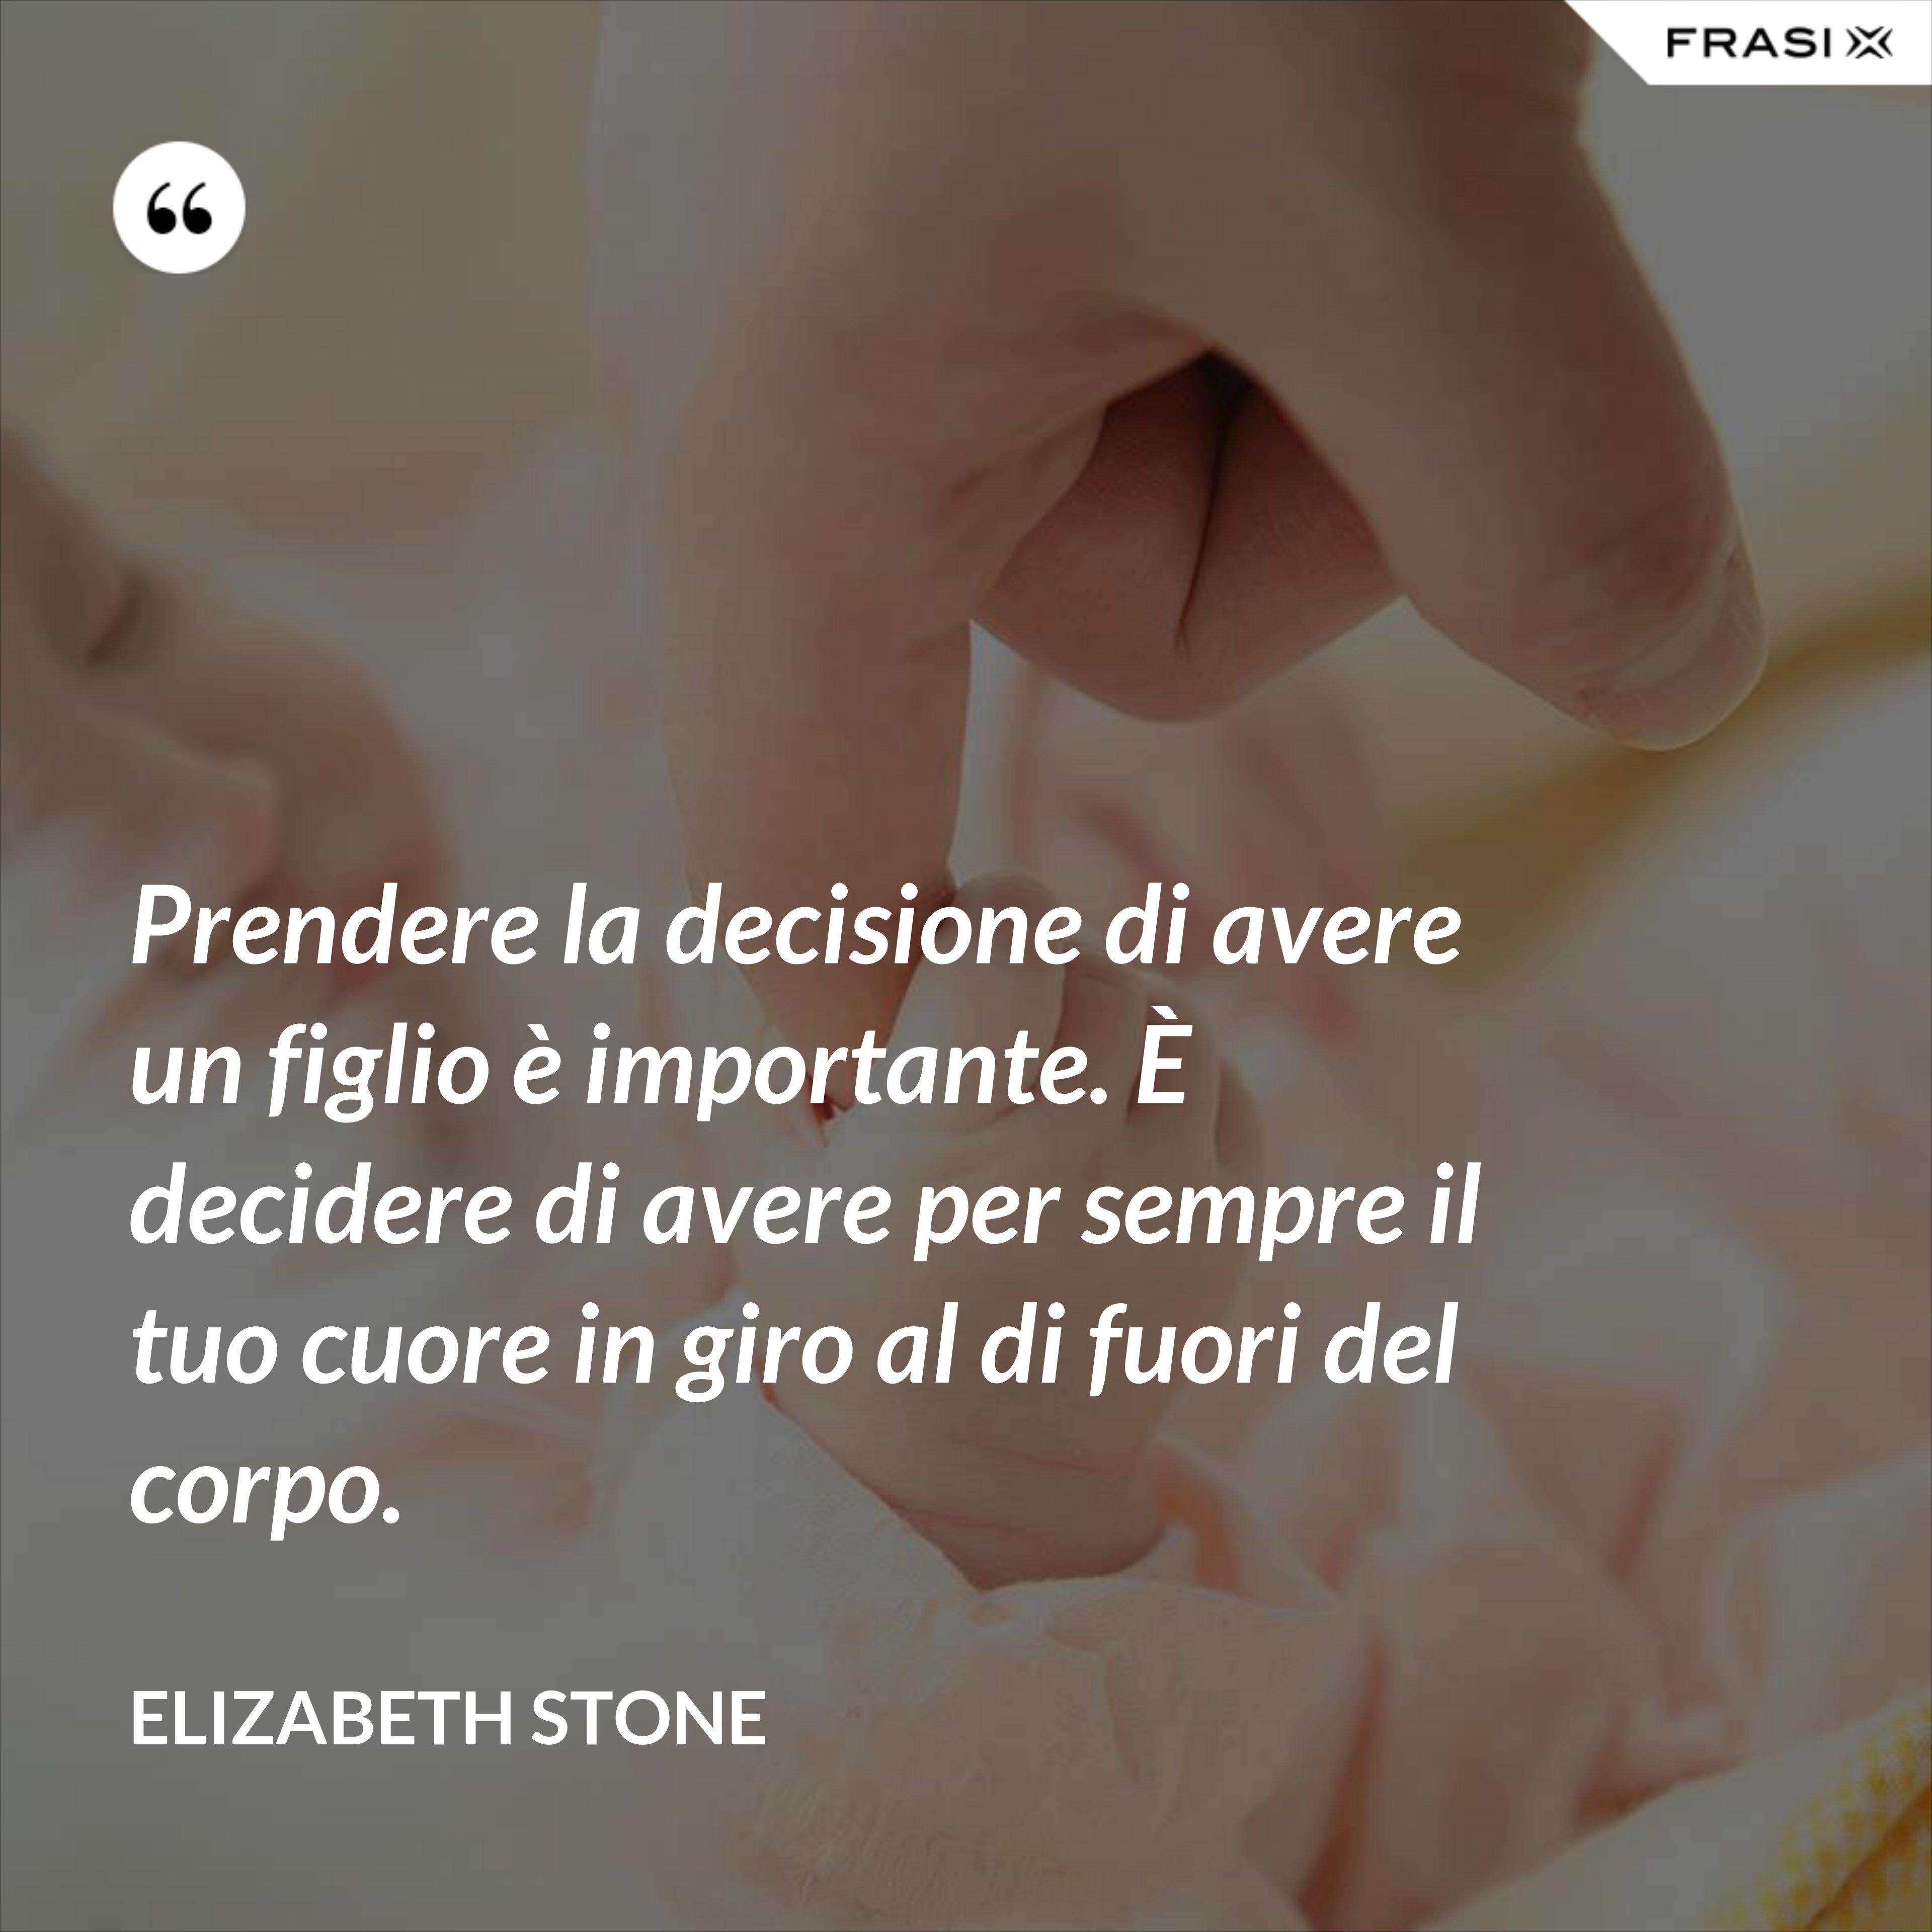 Prendere la decisione di avere un figlio è importante. È decidere di avere per sempre il tuo cuore in giro al di fuori del corpo. - Elizabeth Stone